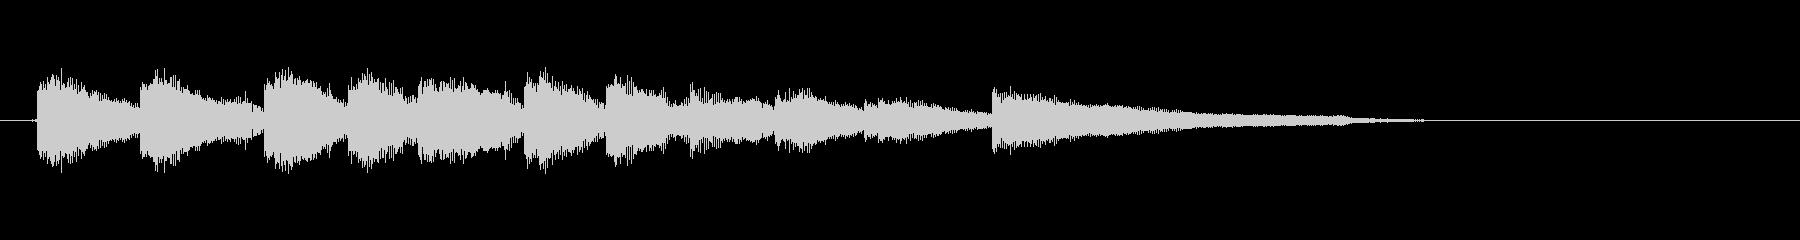 生音エレキギター6弦チューニング1エコーの未再生の波形